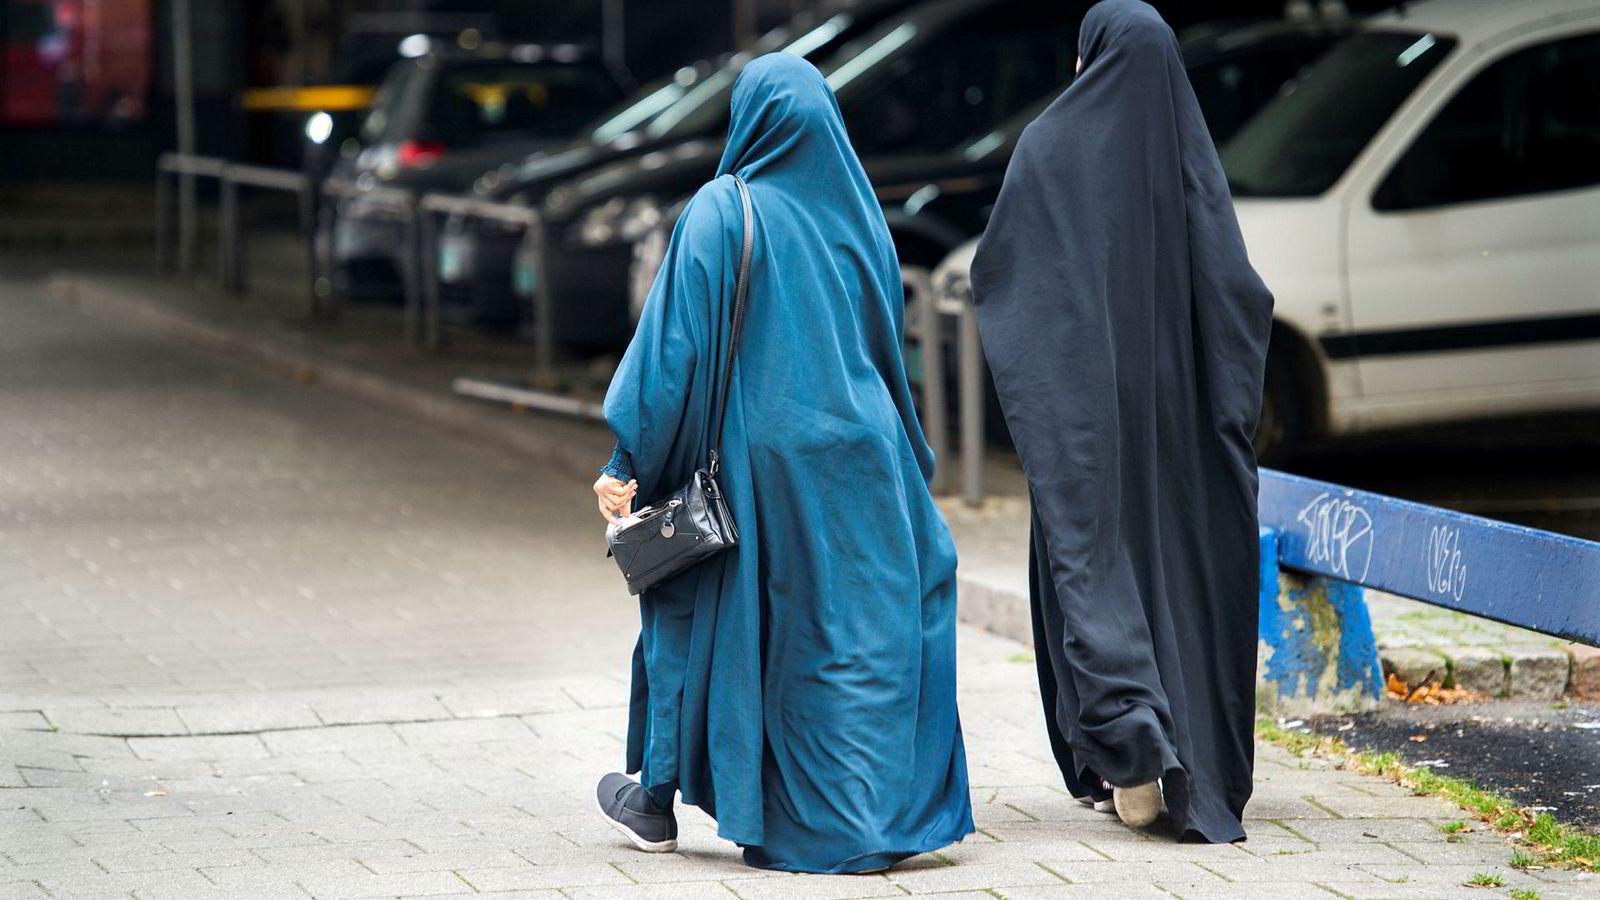 Kan det kanskje bli svært viktig også økonomisk for Norge å ha folk med familie og kontakter og kunnskap om kulturen i disse landene, etter hvert som de overtar dominansen i verden? Her to kvinner på Grønland i Oslo.